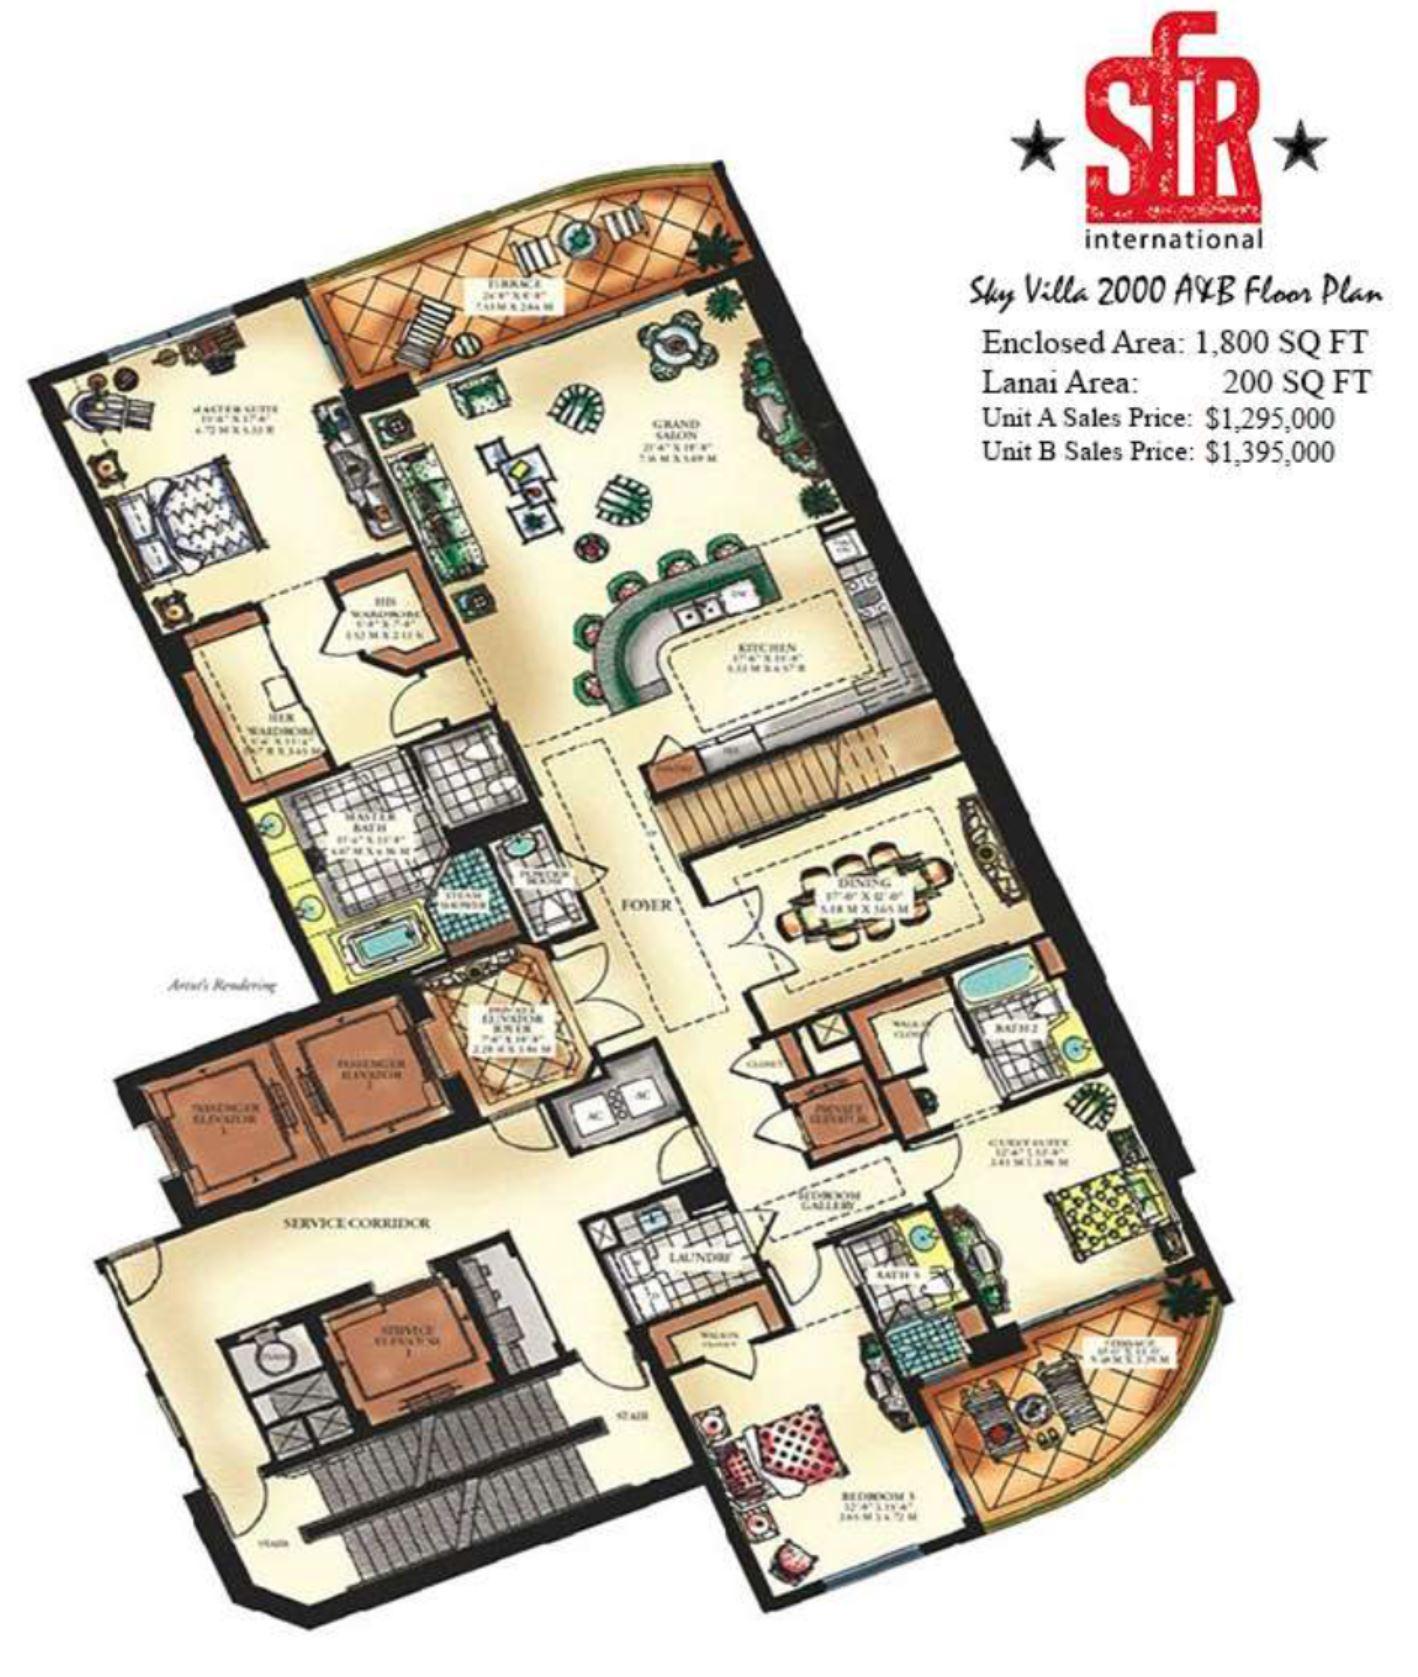 condo floor plans 2000 square feet